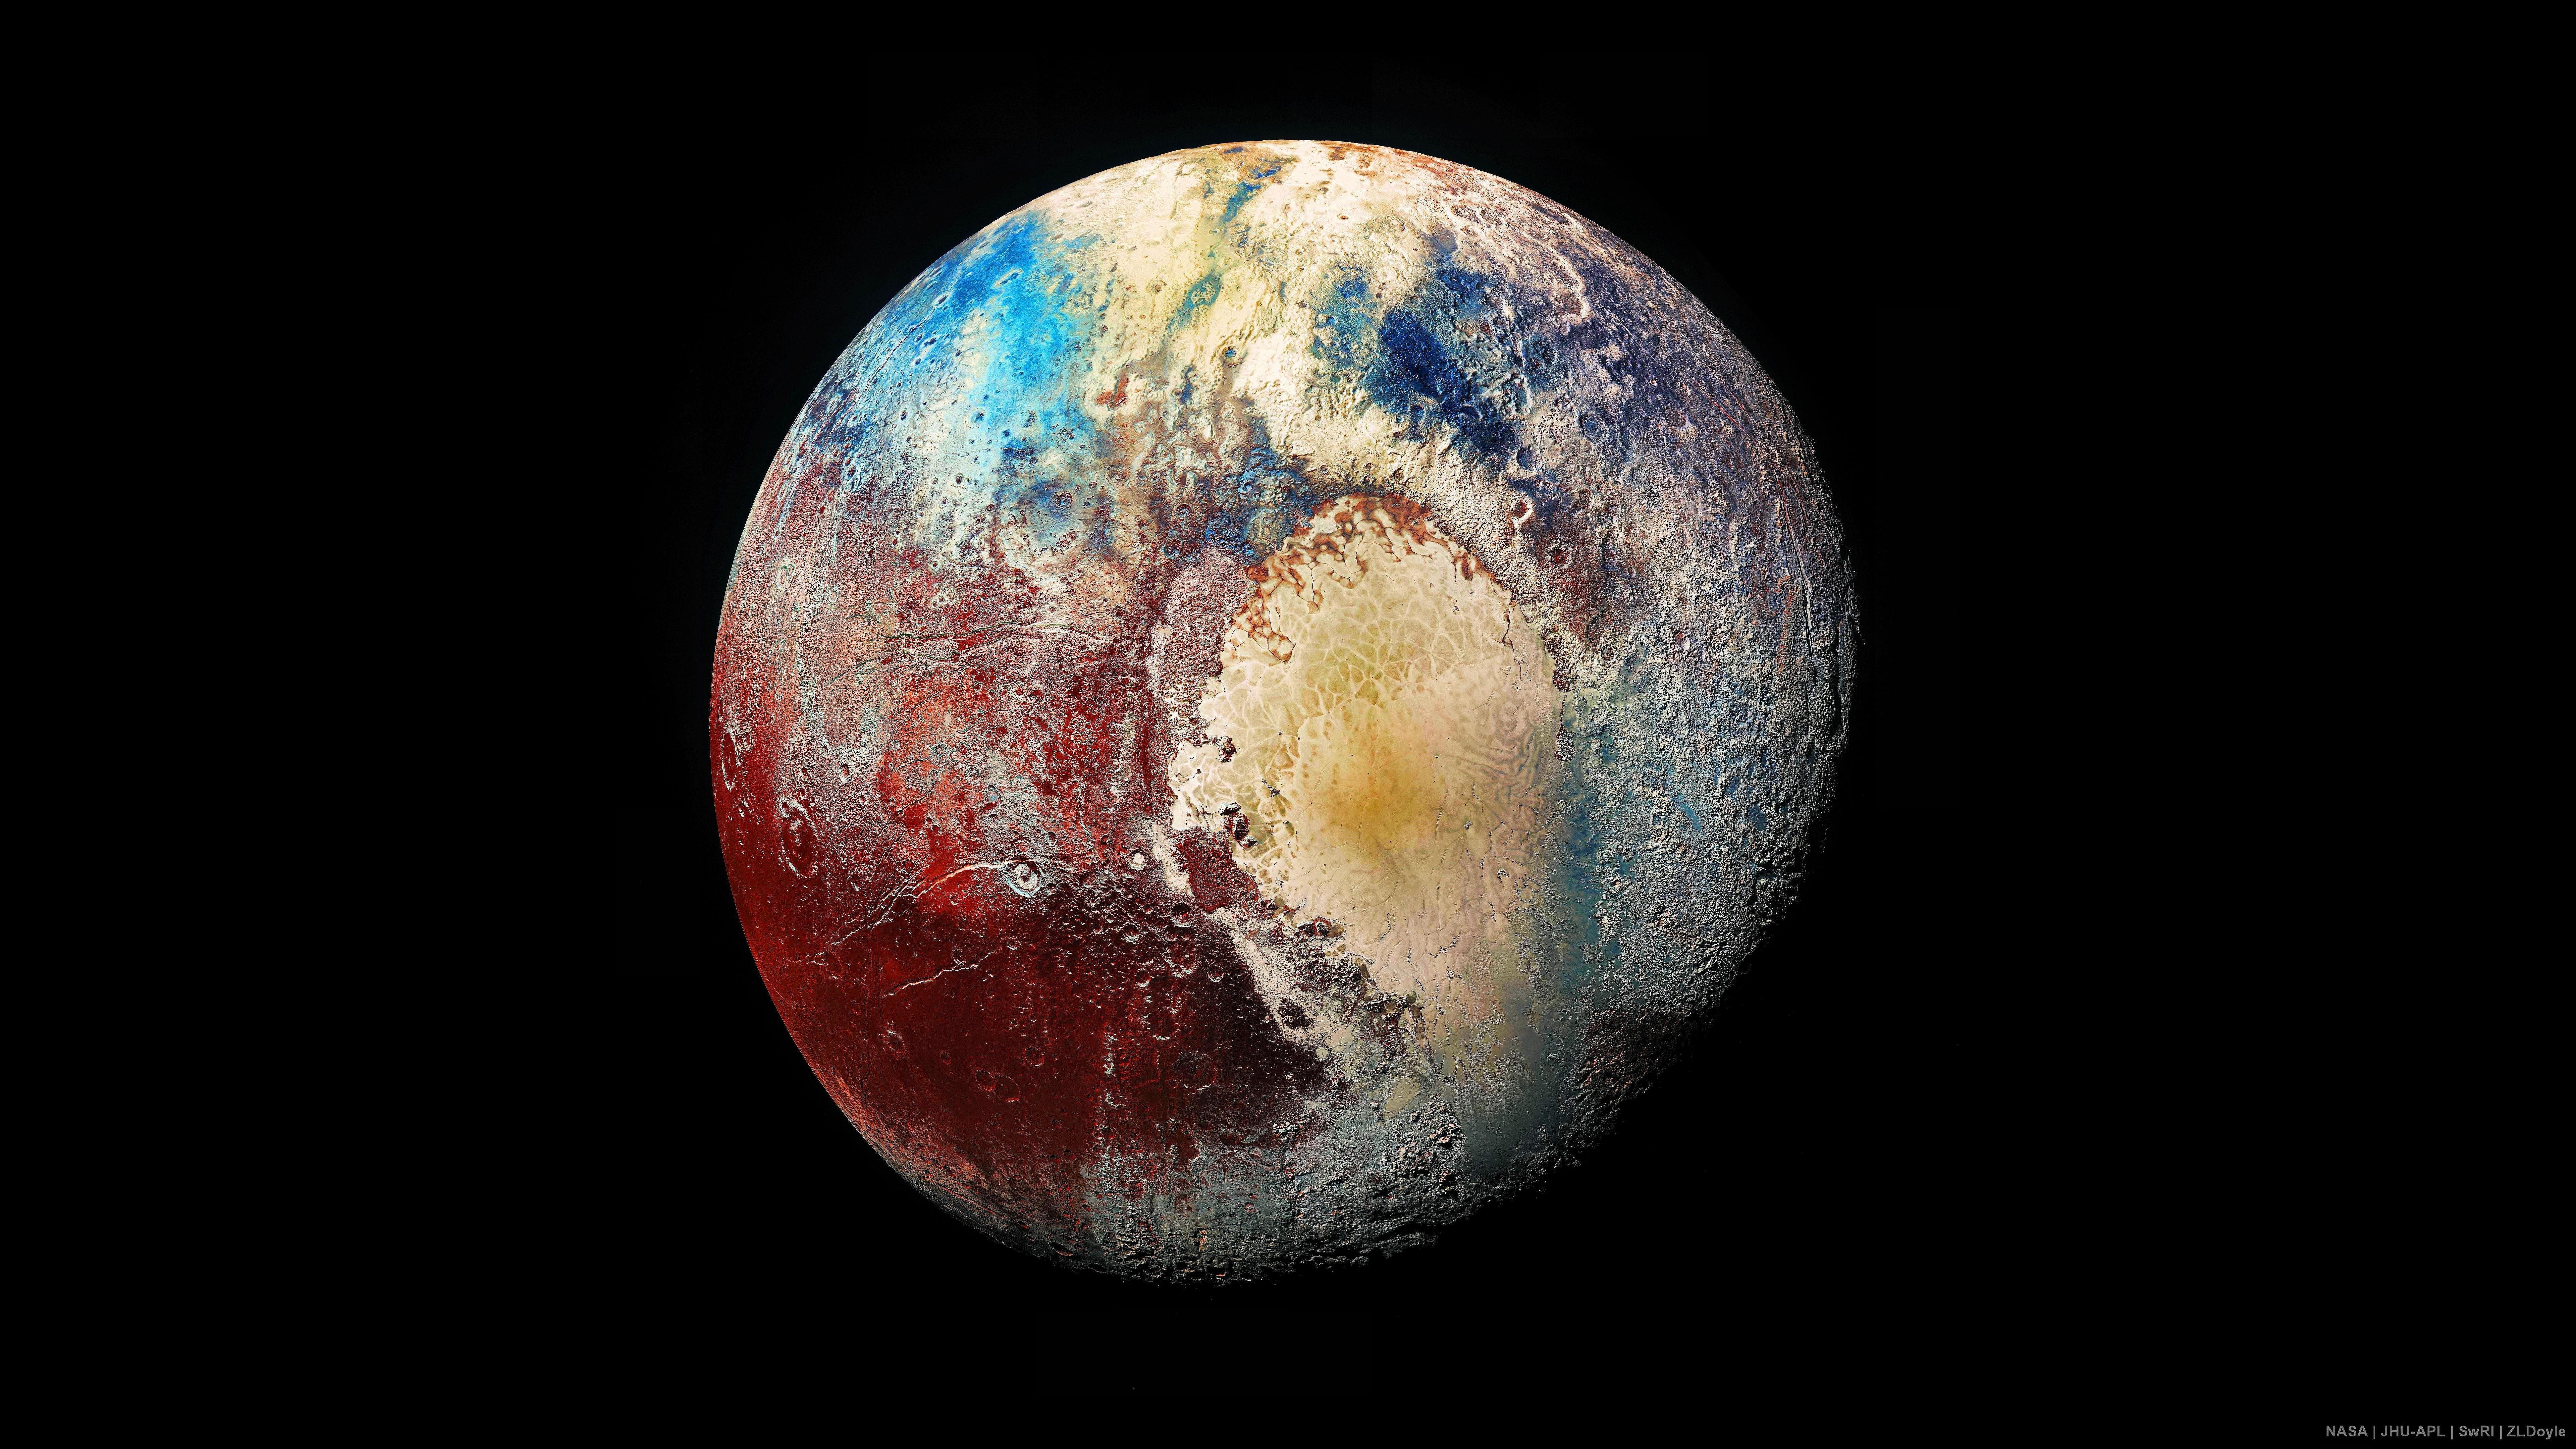 Planet Earth Planet Pluto Space Universe 8k Uhd 8k 8k Wallpaper Hdwallpaper Desktop Black Background Wallpaper Qhd Wallpaper Hd Wallpaper